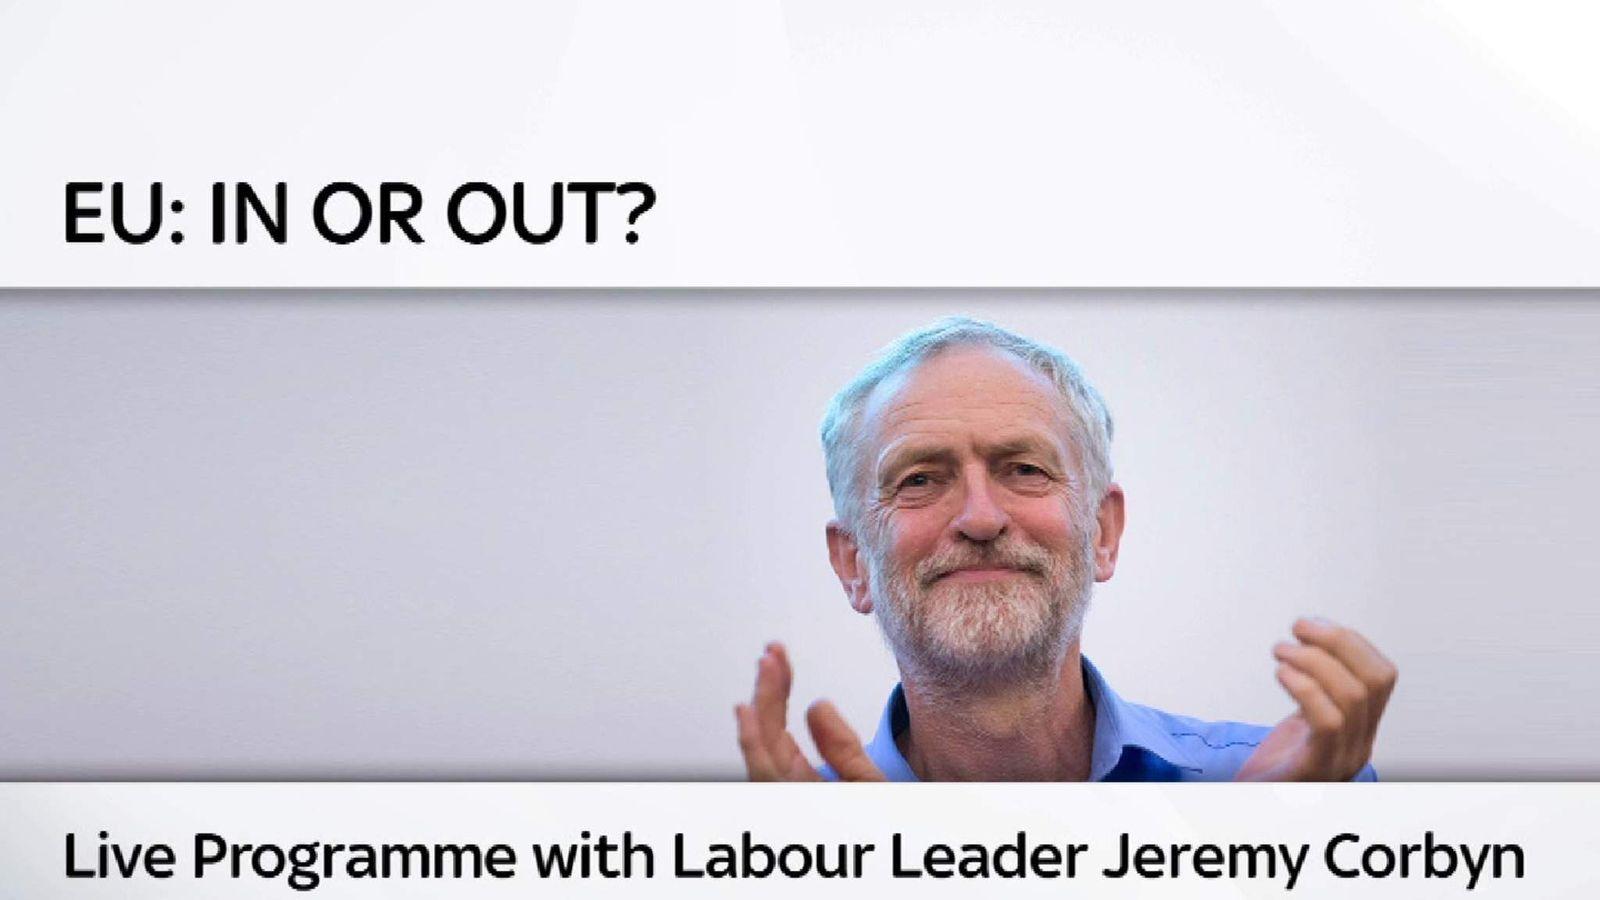 Jeremy Corbyn live Programme